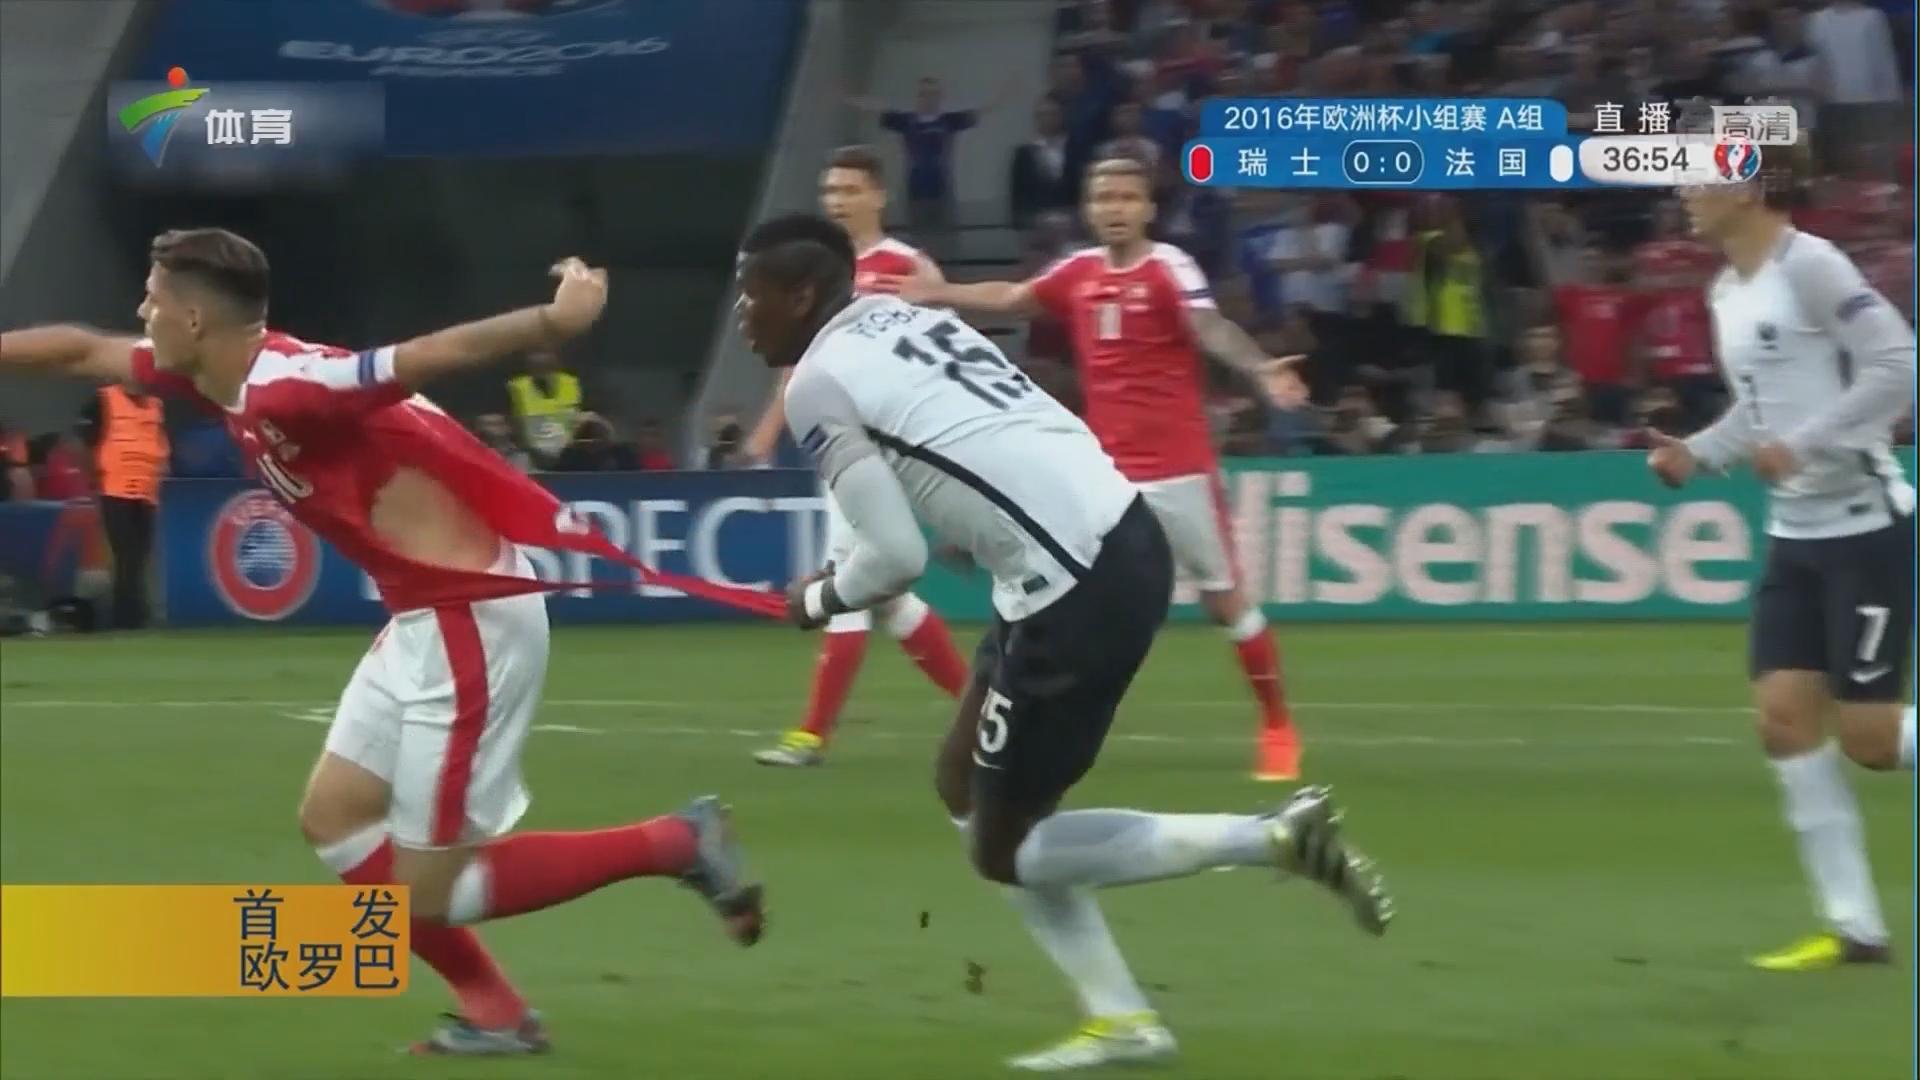 2016欧洲杯 五佳瞬间